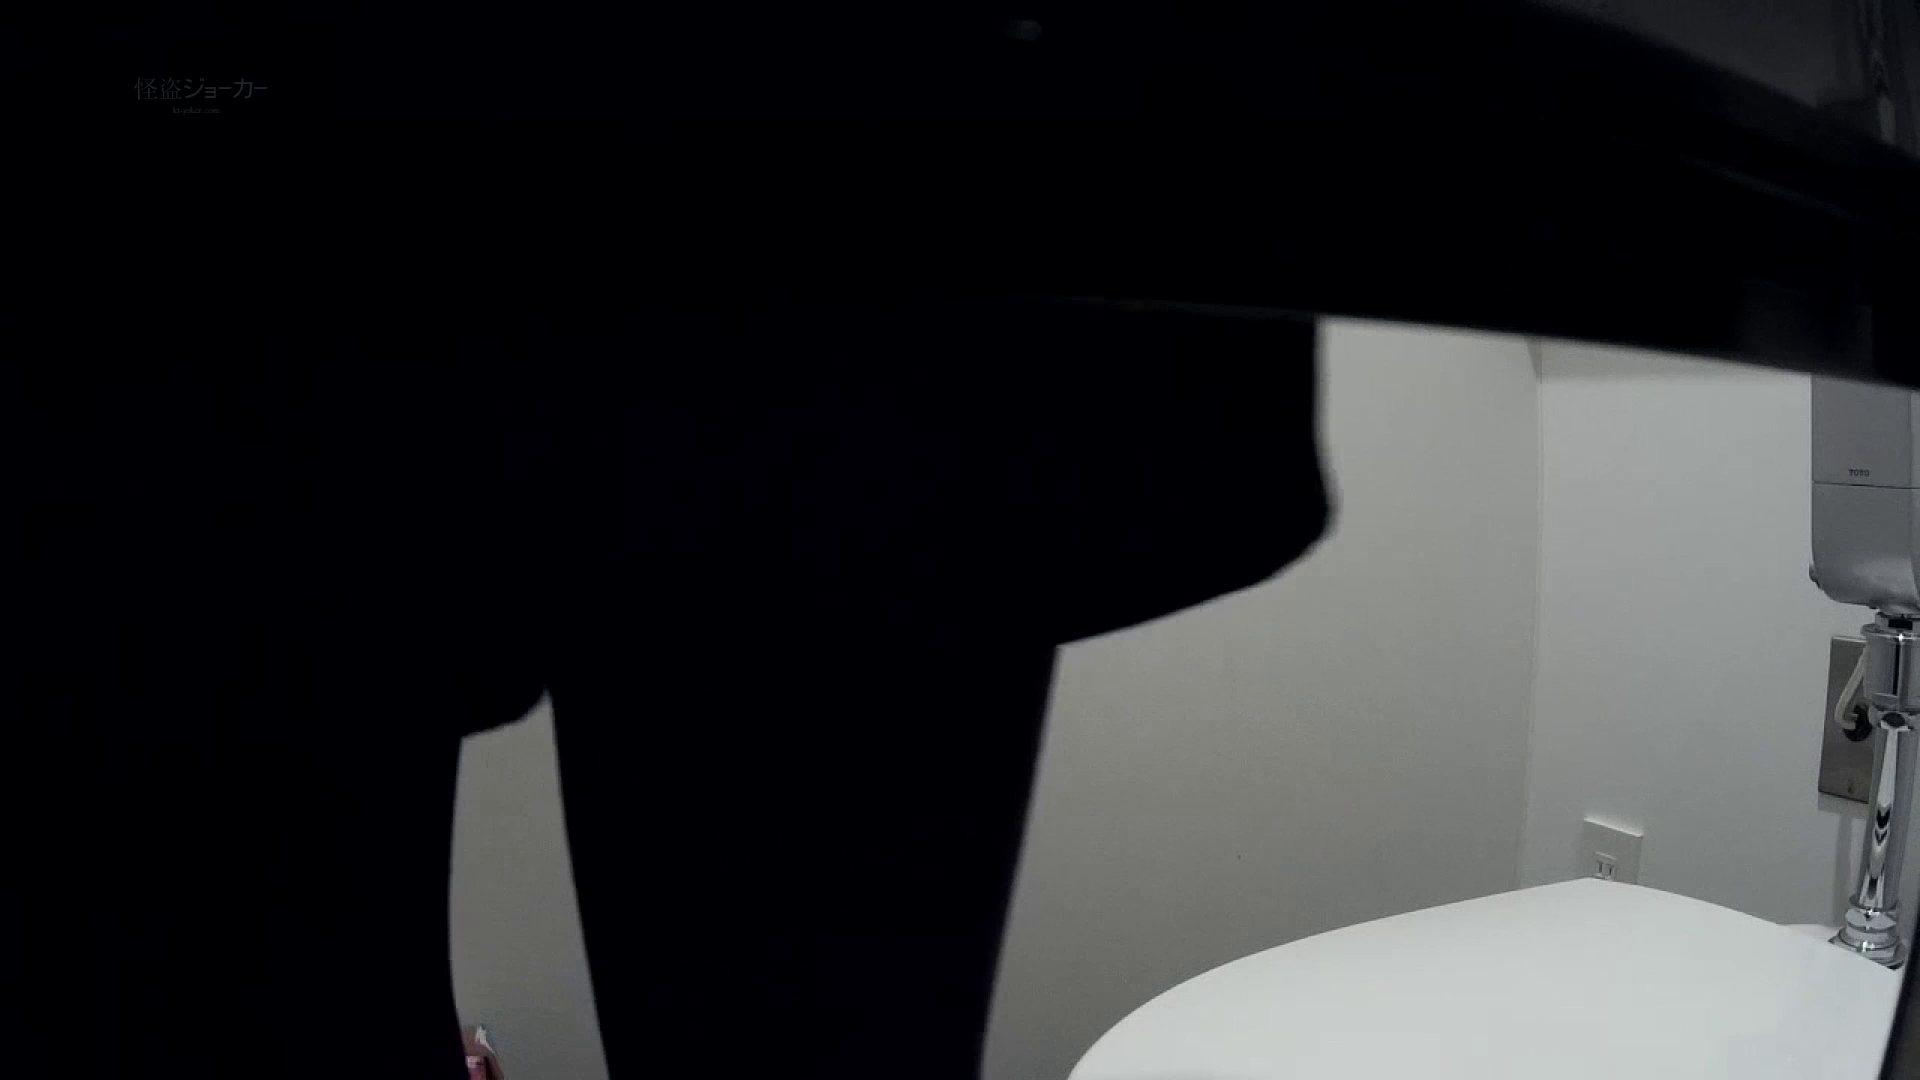 有名大学女性洗面所 vol.54 設置撮影最高峰!! 3視点でじっくり観察 盛合せ   投稿  27画像 21